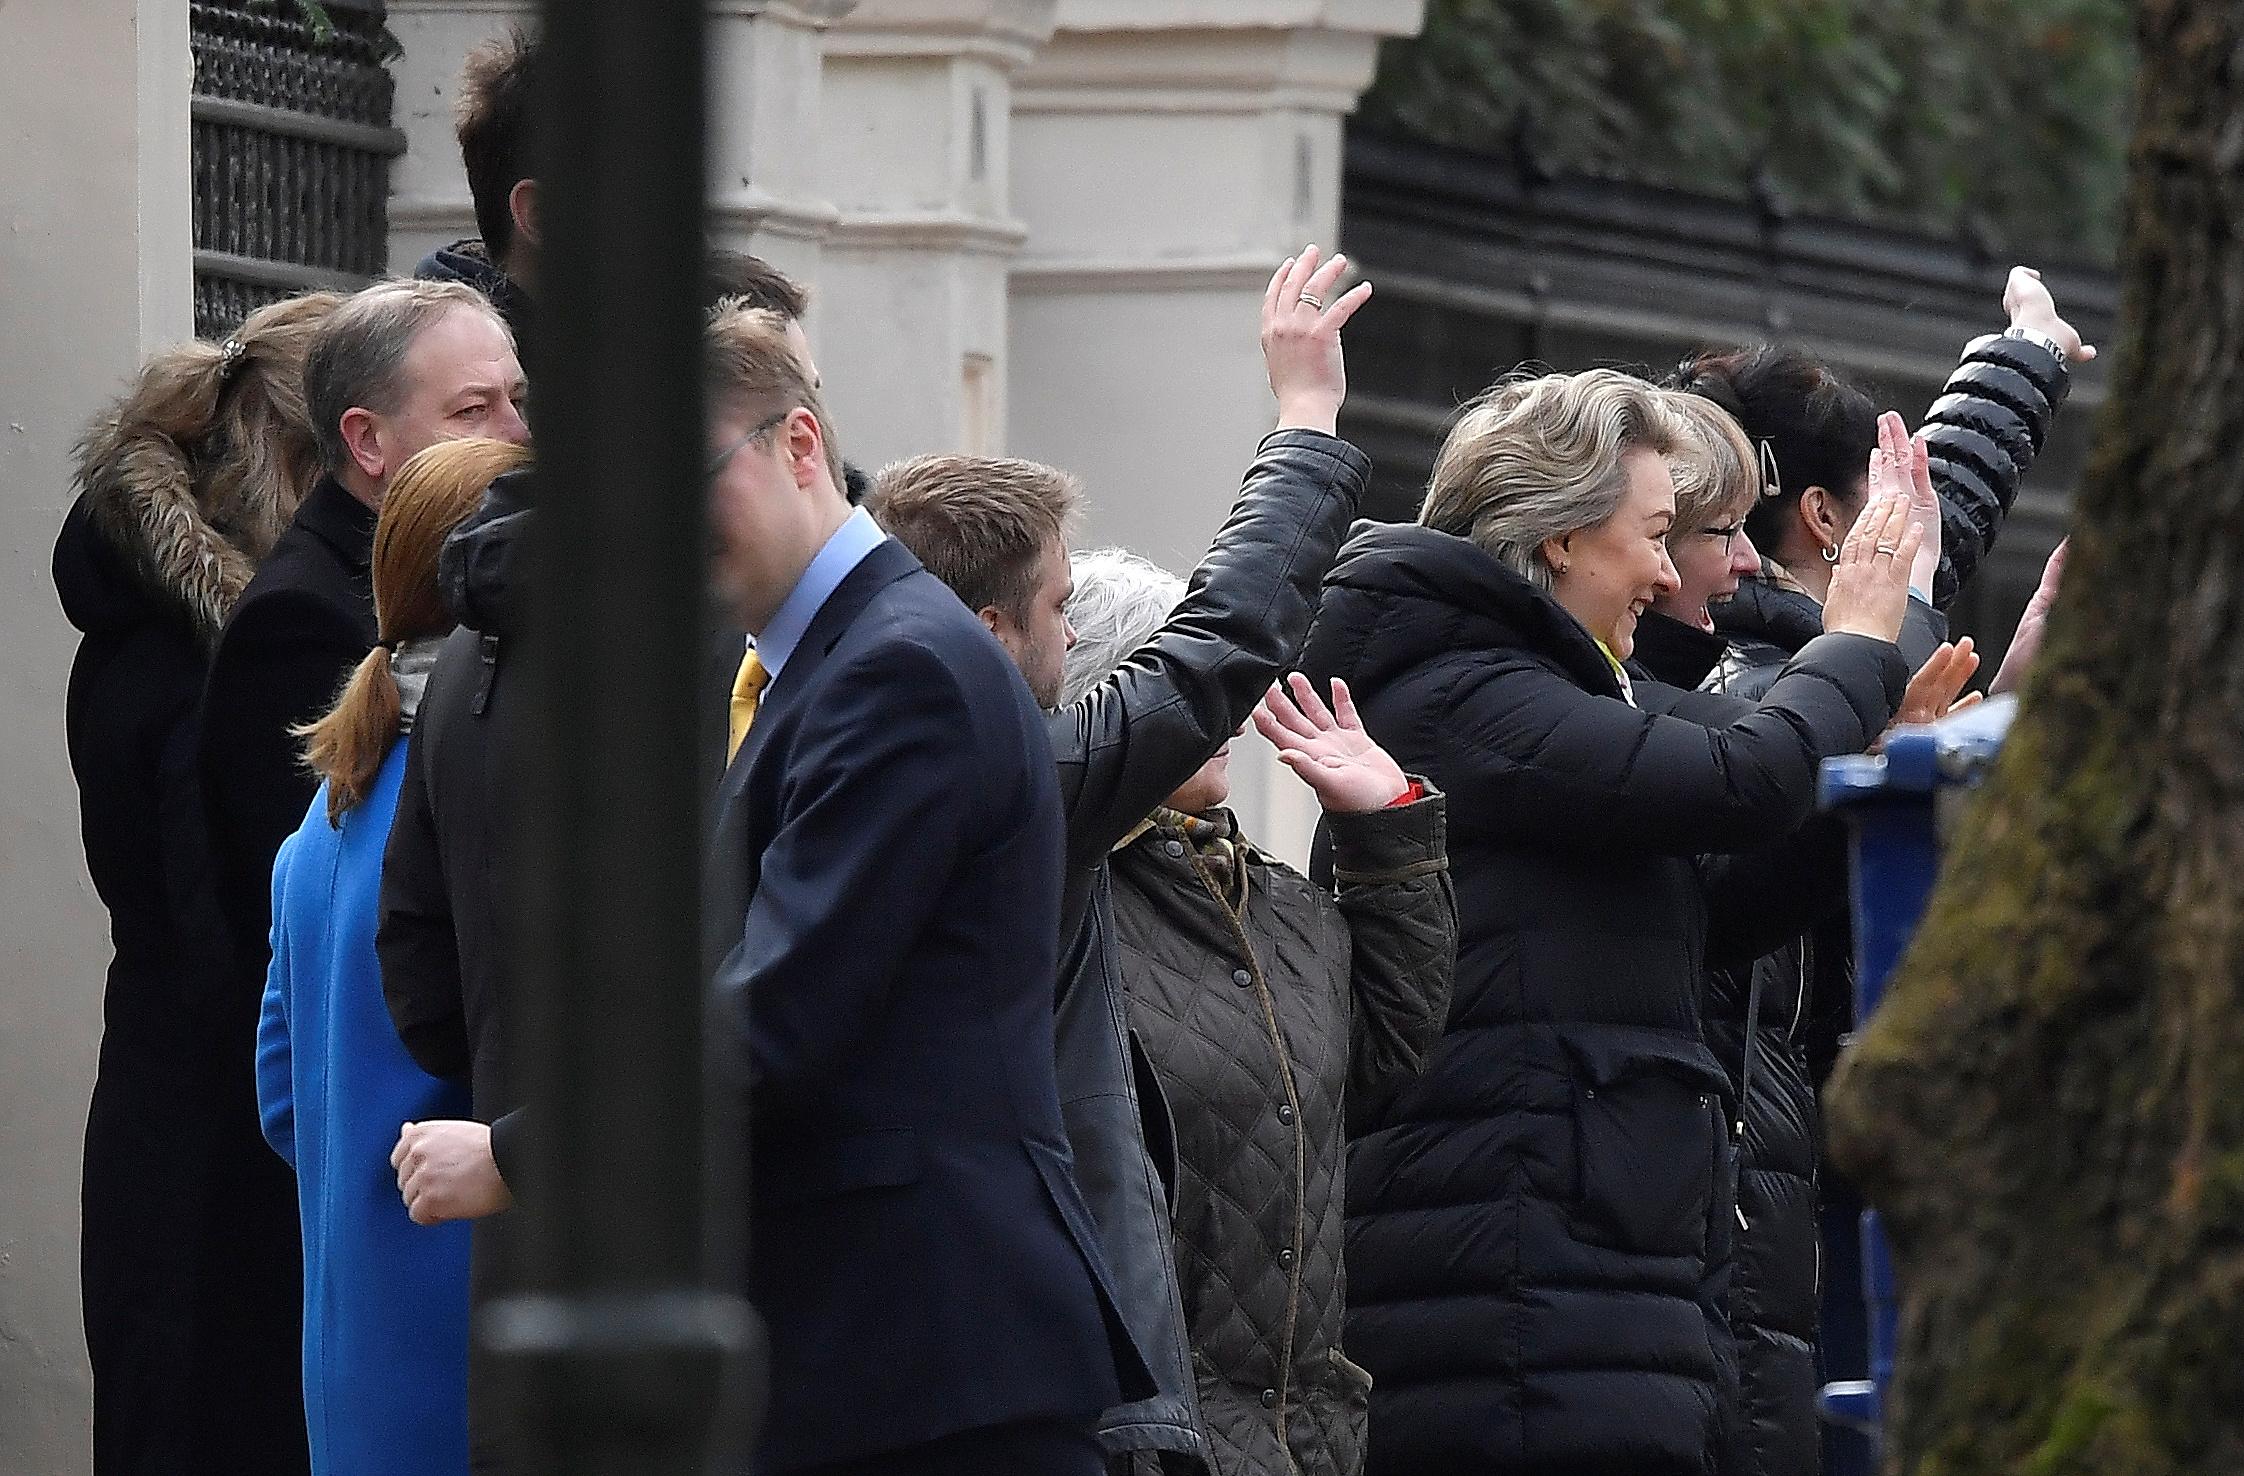 توديع الدبلوماسيين الروس